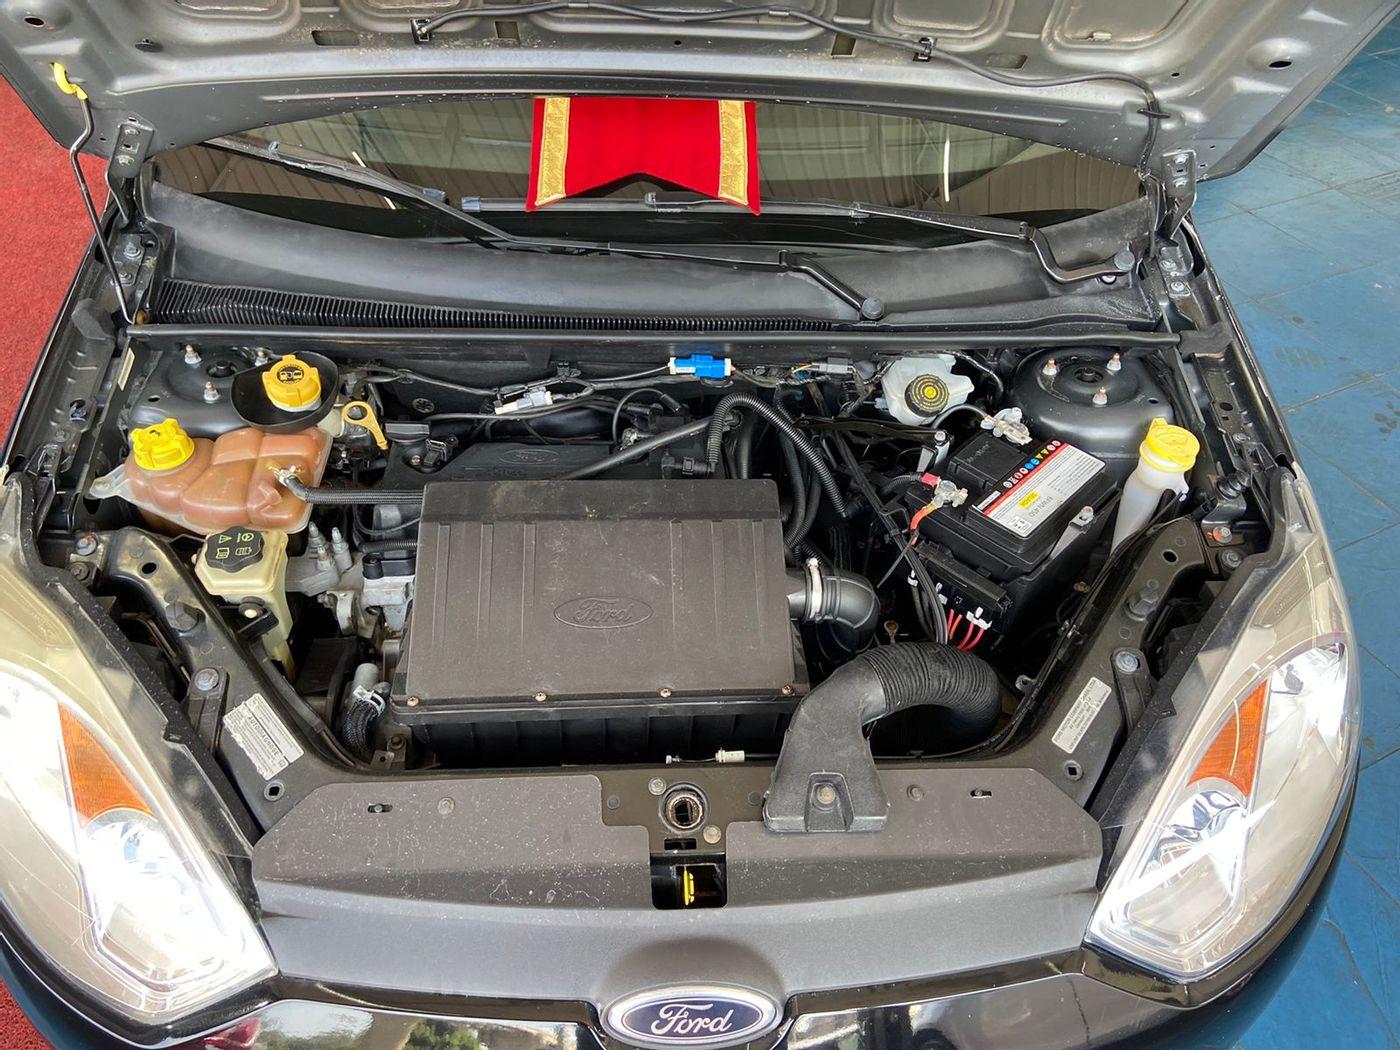 Ford Fiesta SE 1.0 8V Flex 5p